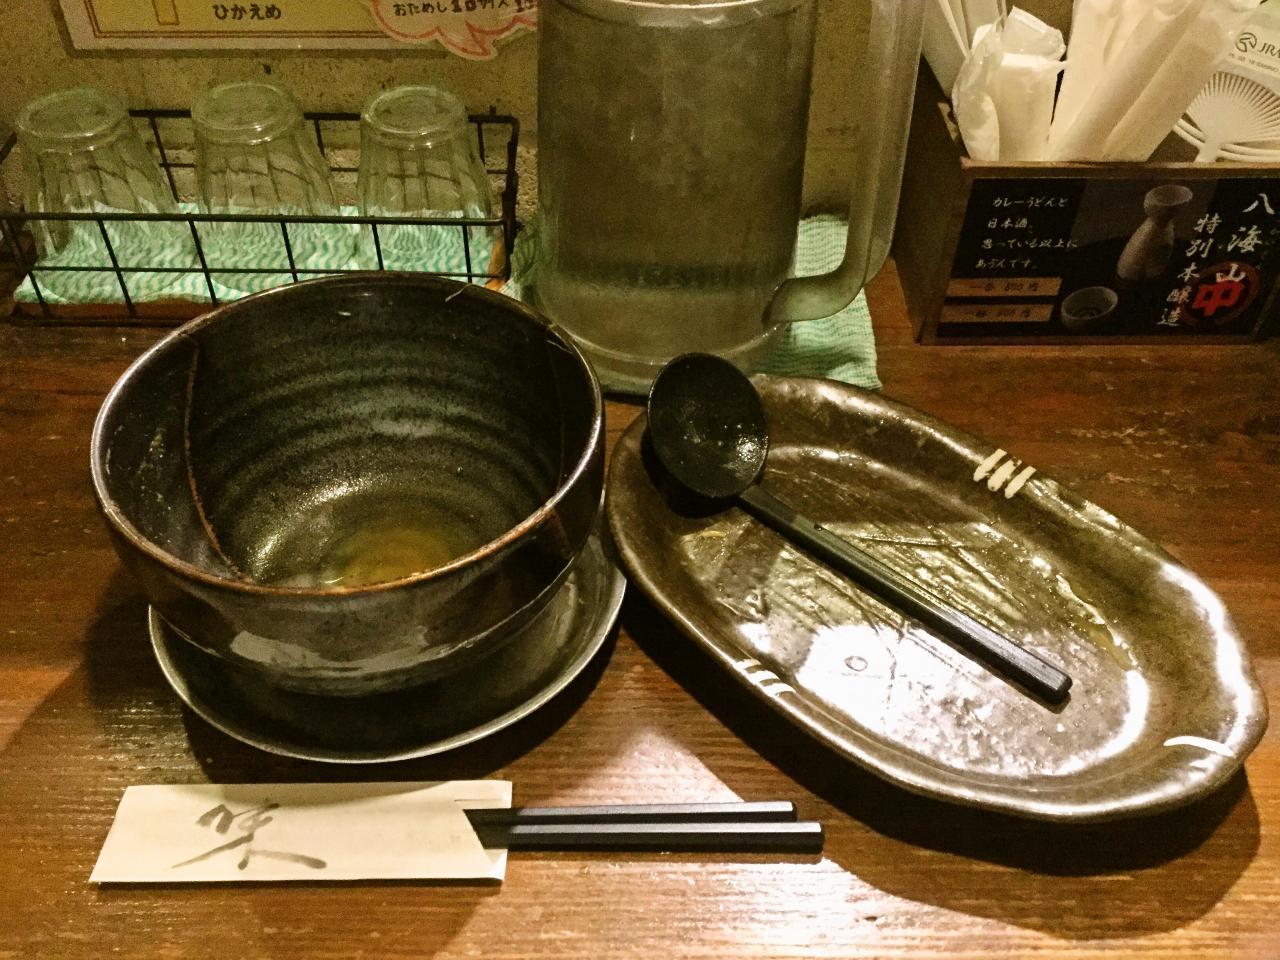 中川屋カレーうどん 駒沢大学店(バカ盛りもやしキャベツカレーうどん)